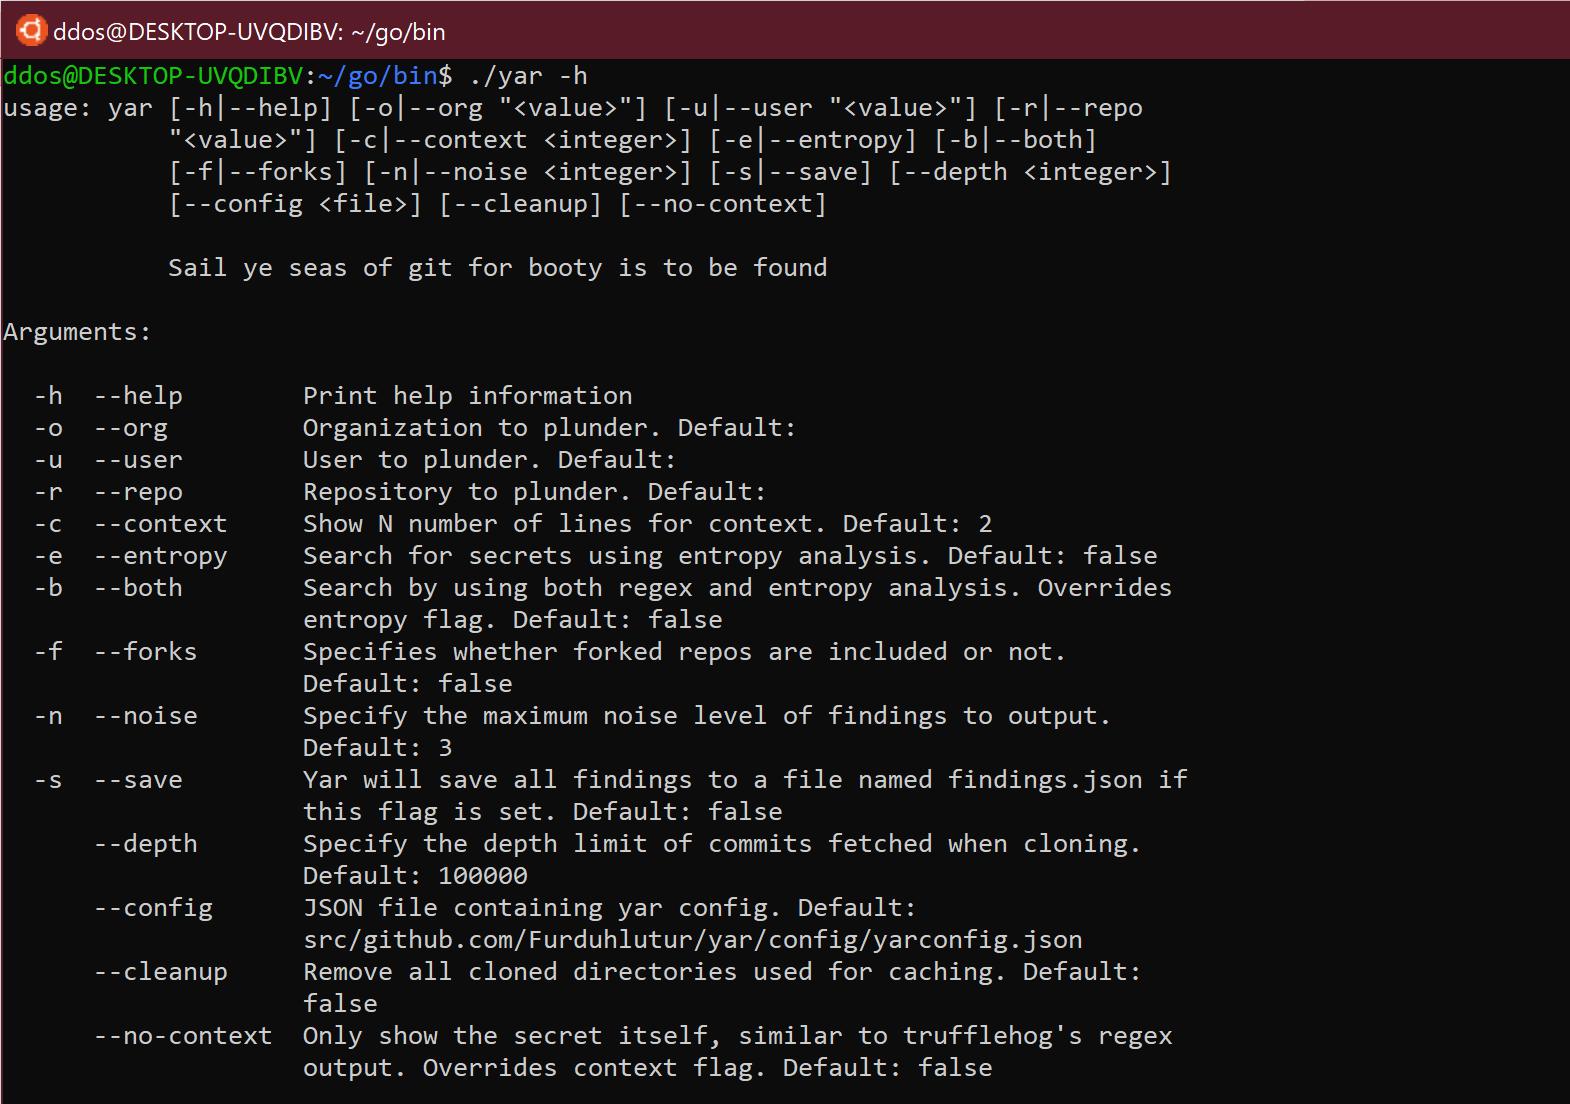 🔎 yar: инструмент OSINT для разведки репозиториев / пользователей / организаций на Github